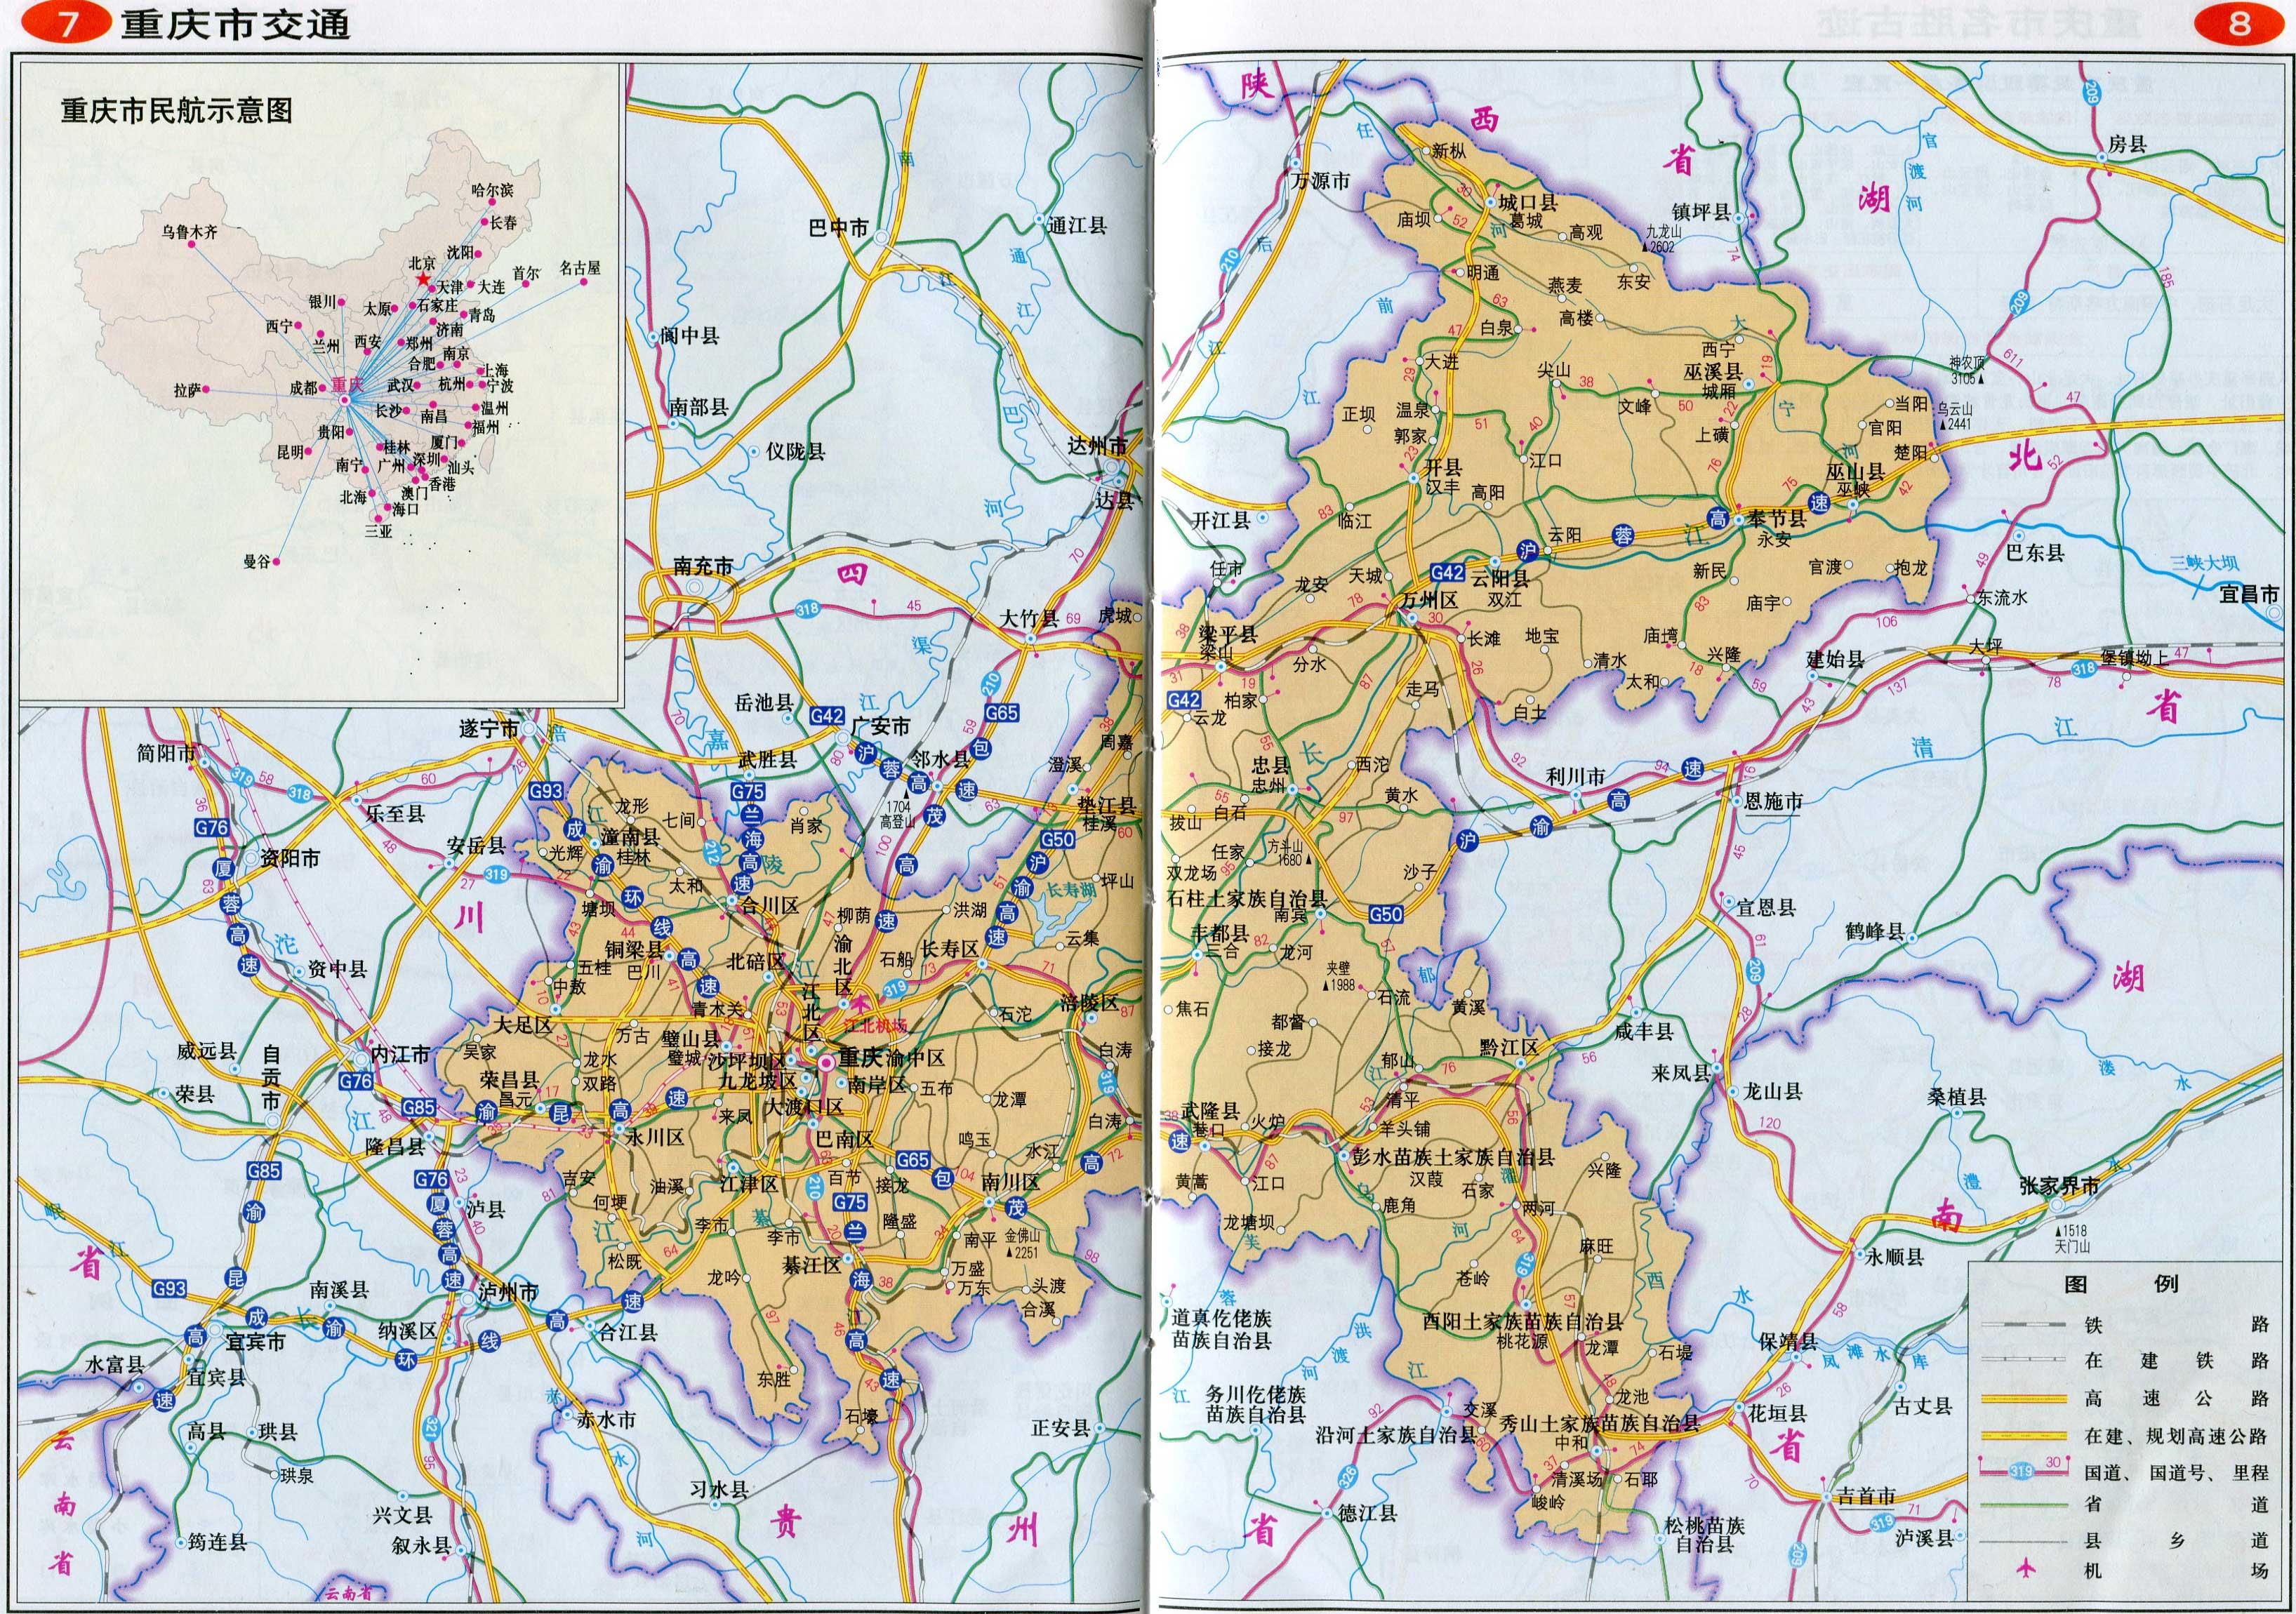 > 重庆地图